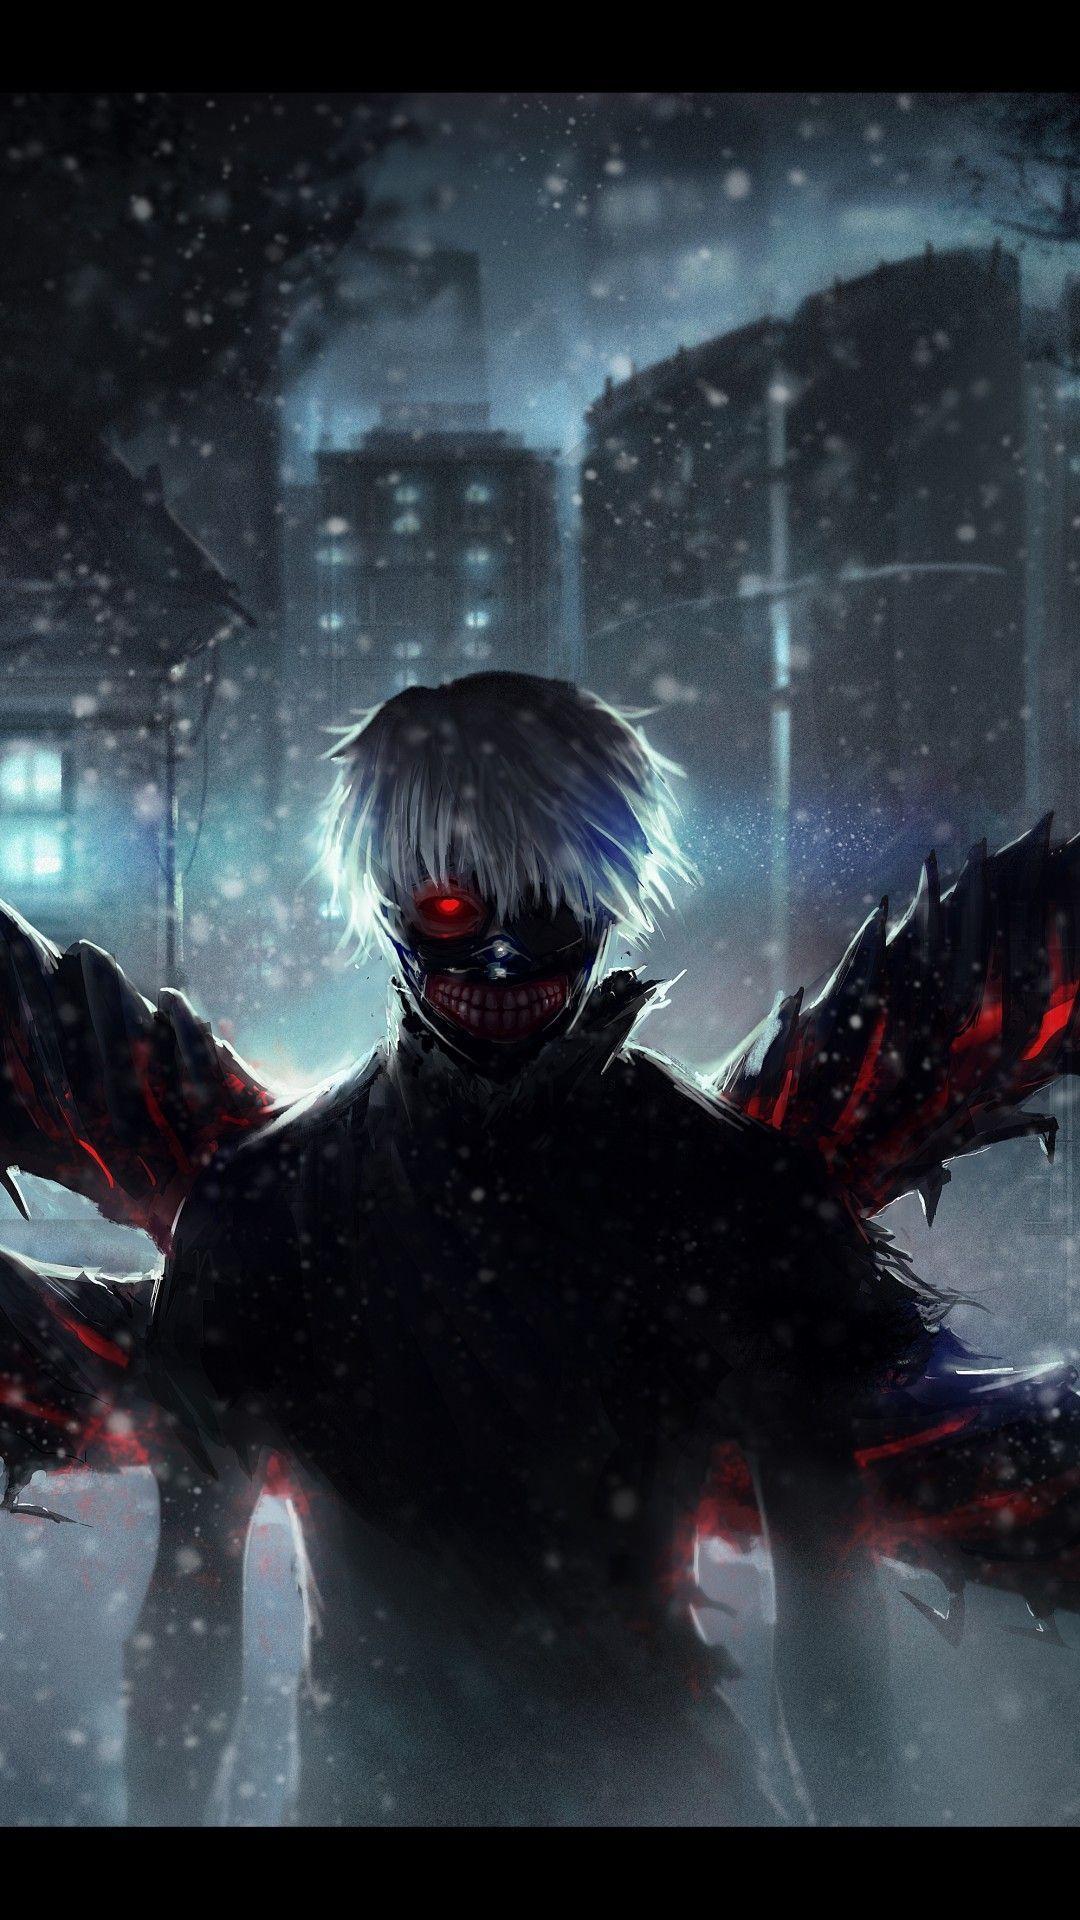 Tokyo Ghoul iPhone Wallpapers - Top Free Tokyo Ghoul ...